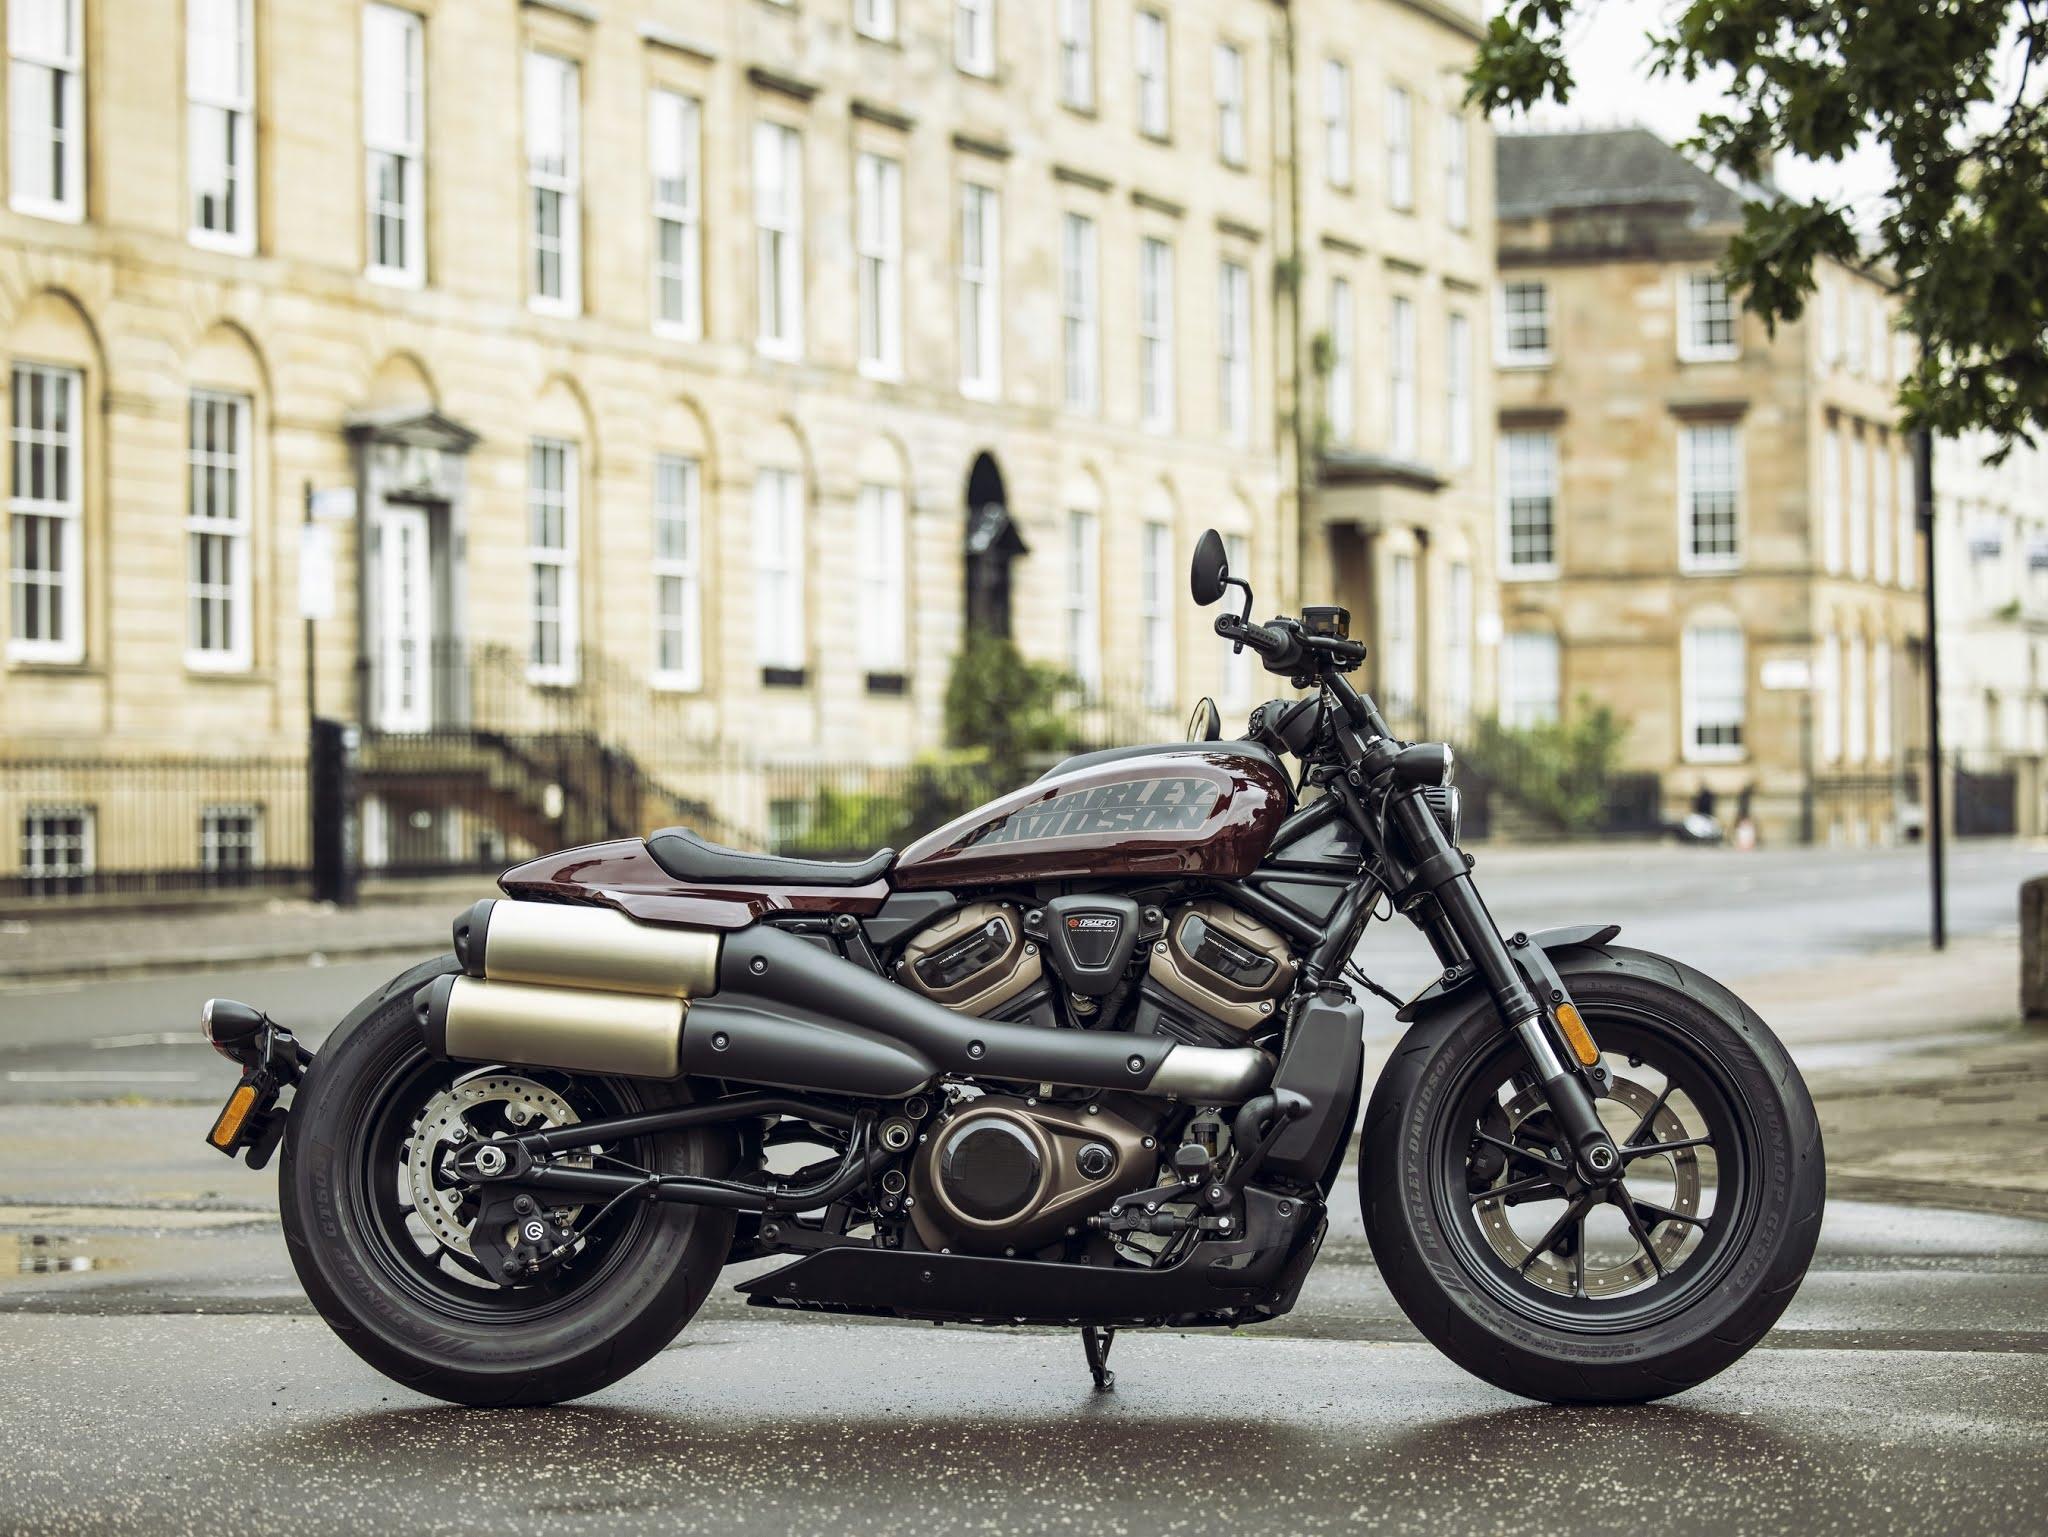 New Harley-Davidson Sportster S Model Delivers Unrelenting Performance